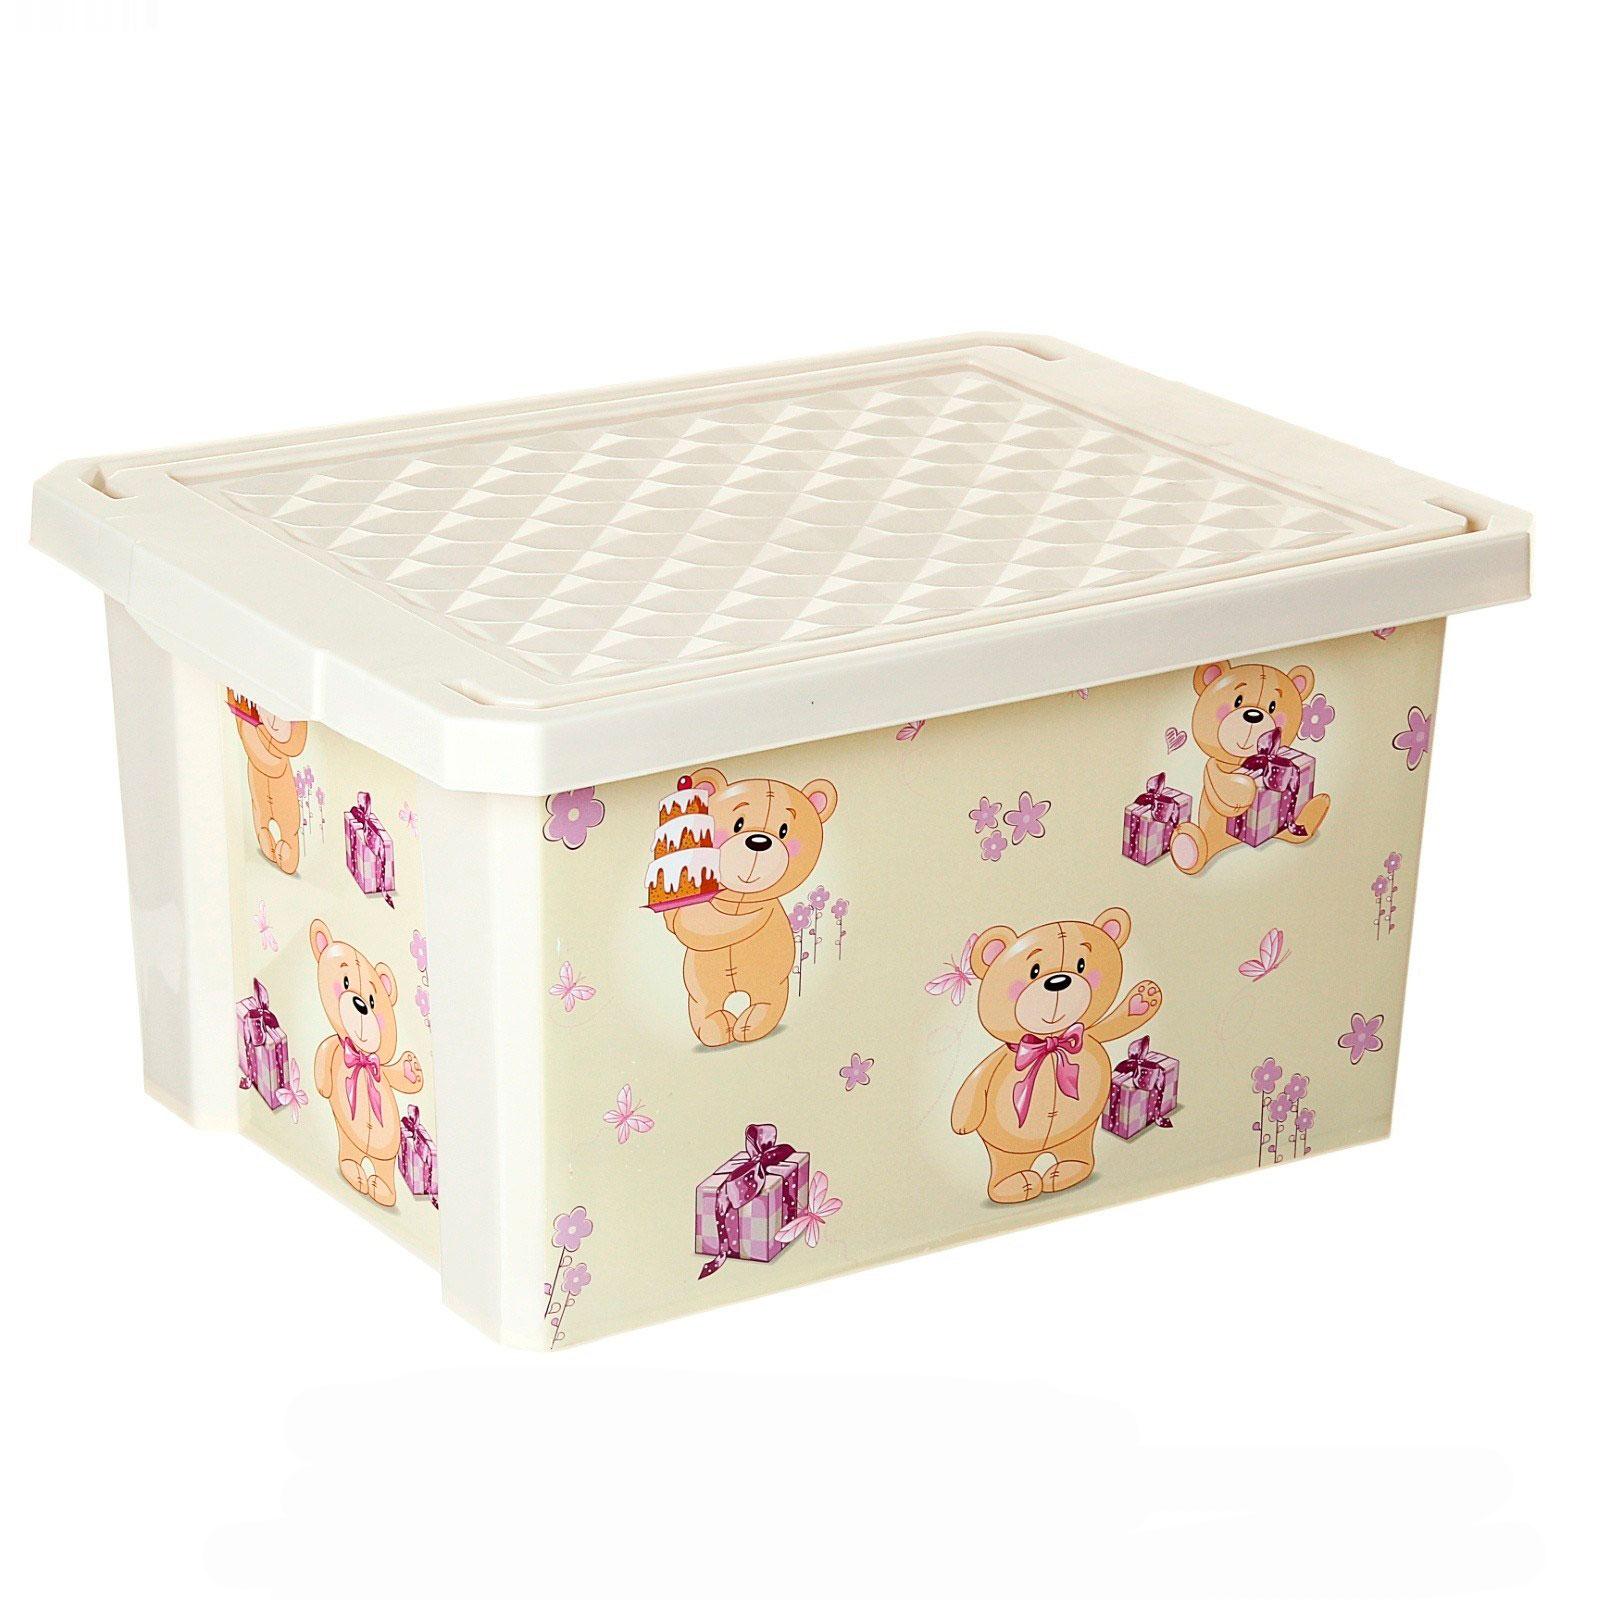 Бежевый пластиковый контейнер для игрушек в детской